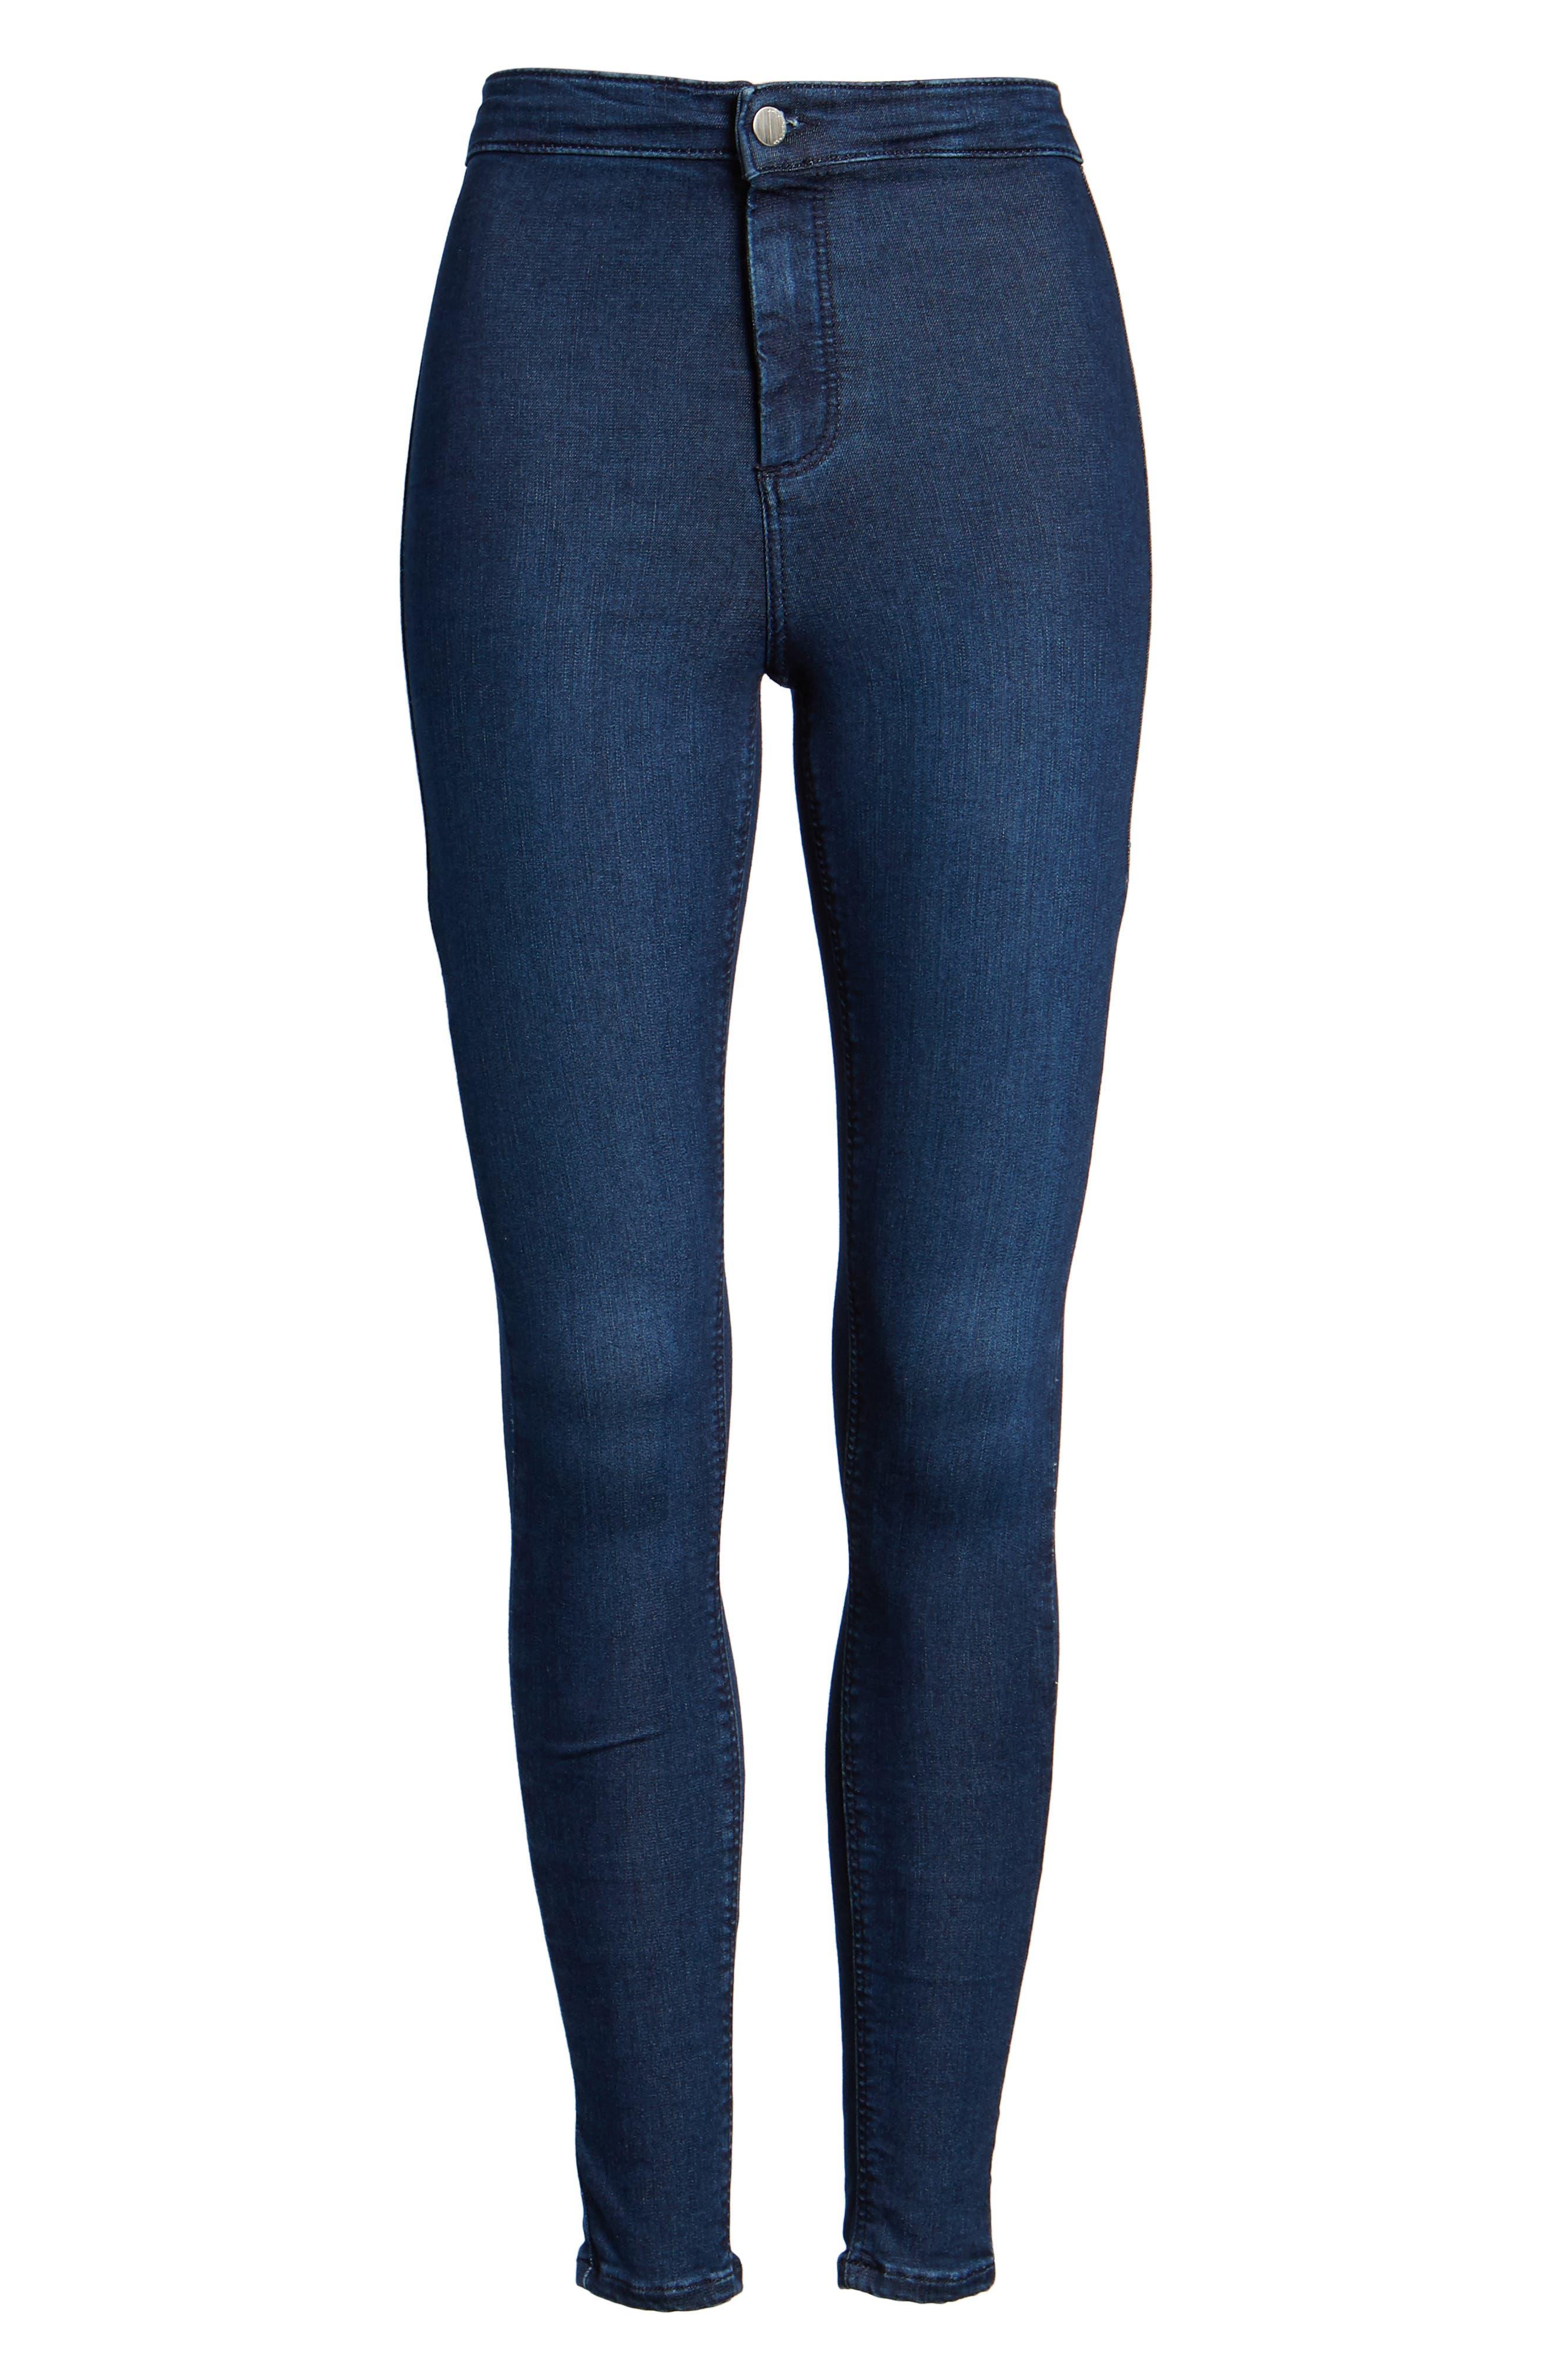 Moto 'Joni' Super Skinny Jeans,                             Alternate thumbnail 7, color,                             Navy Blue